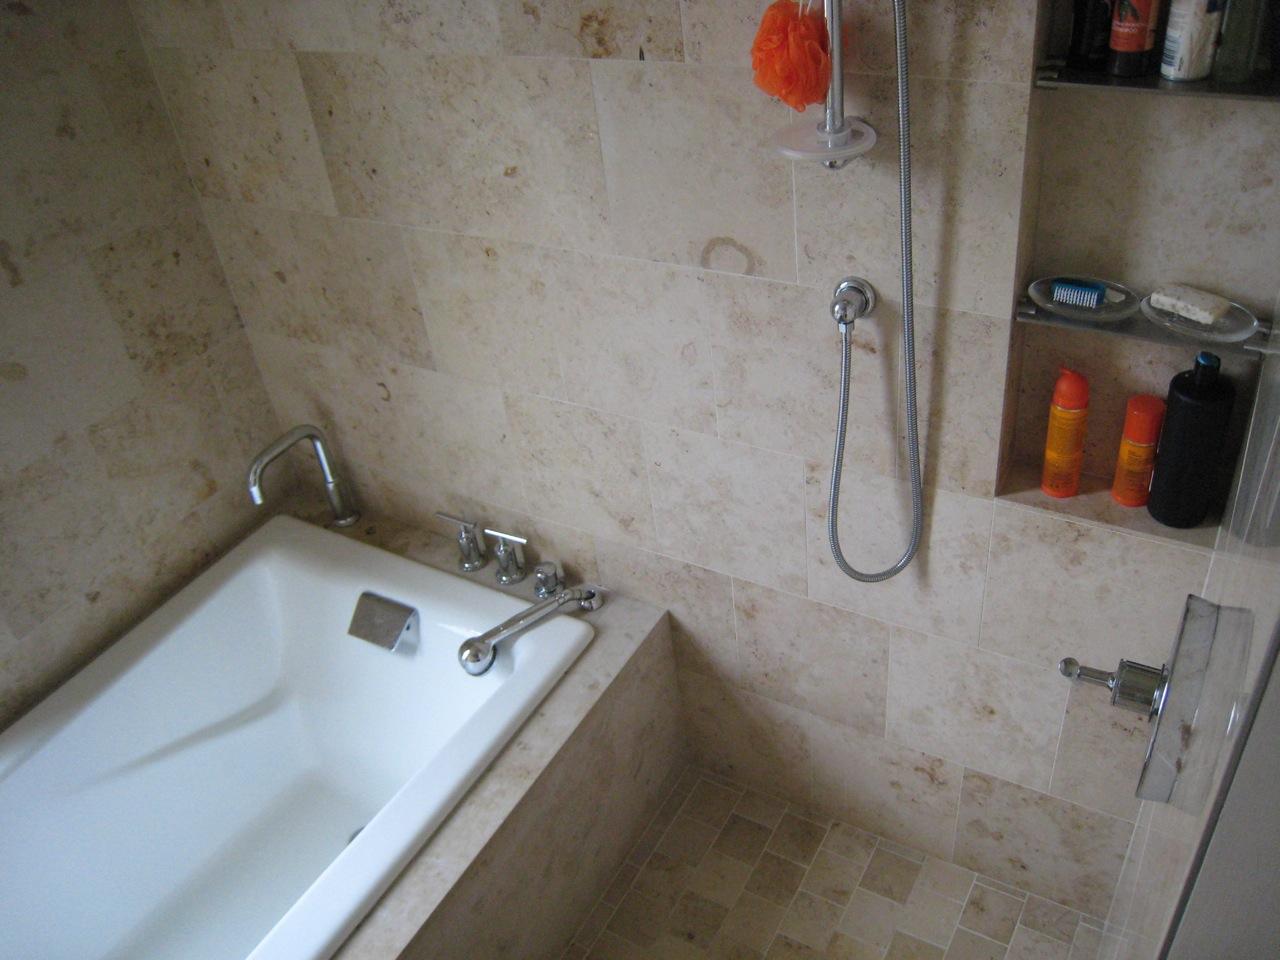 Washing bathroom walls - 2015 11 10 1447174854 6948700 Shower_4 Jpeg